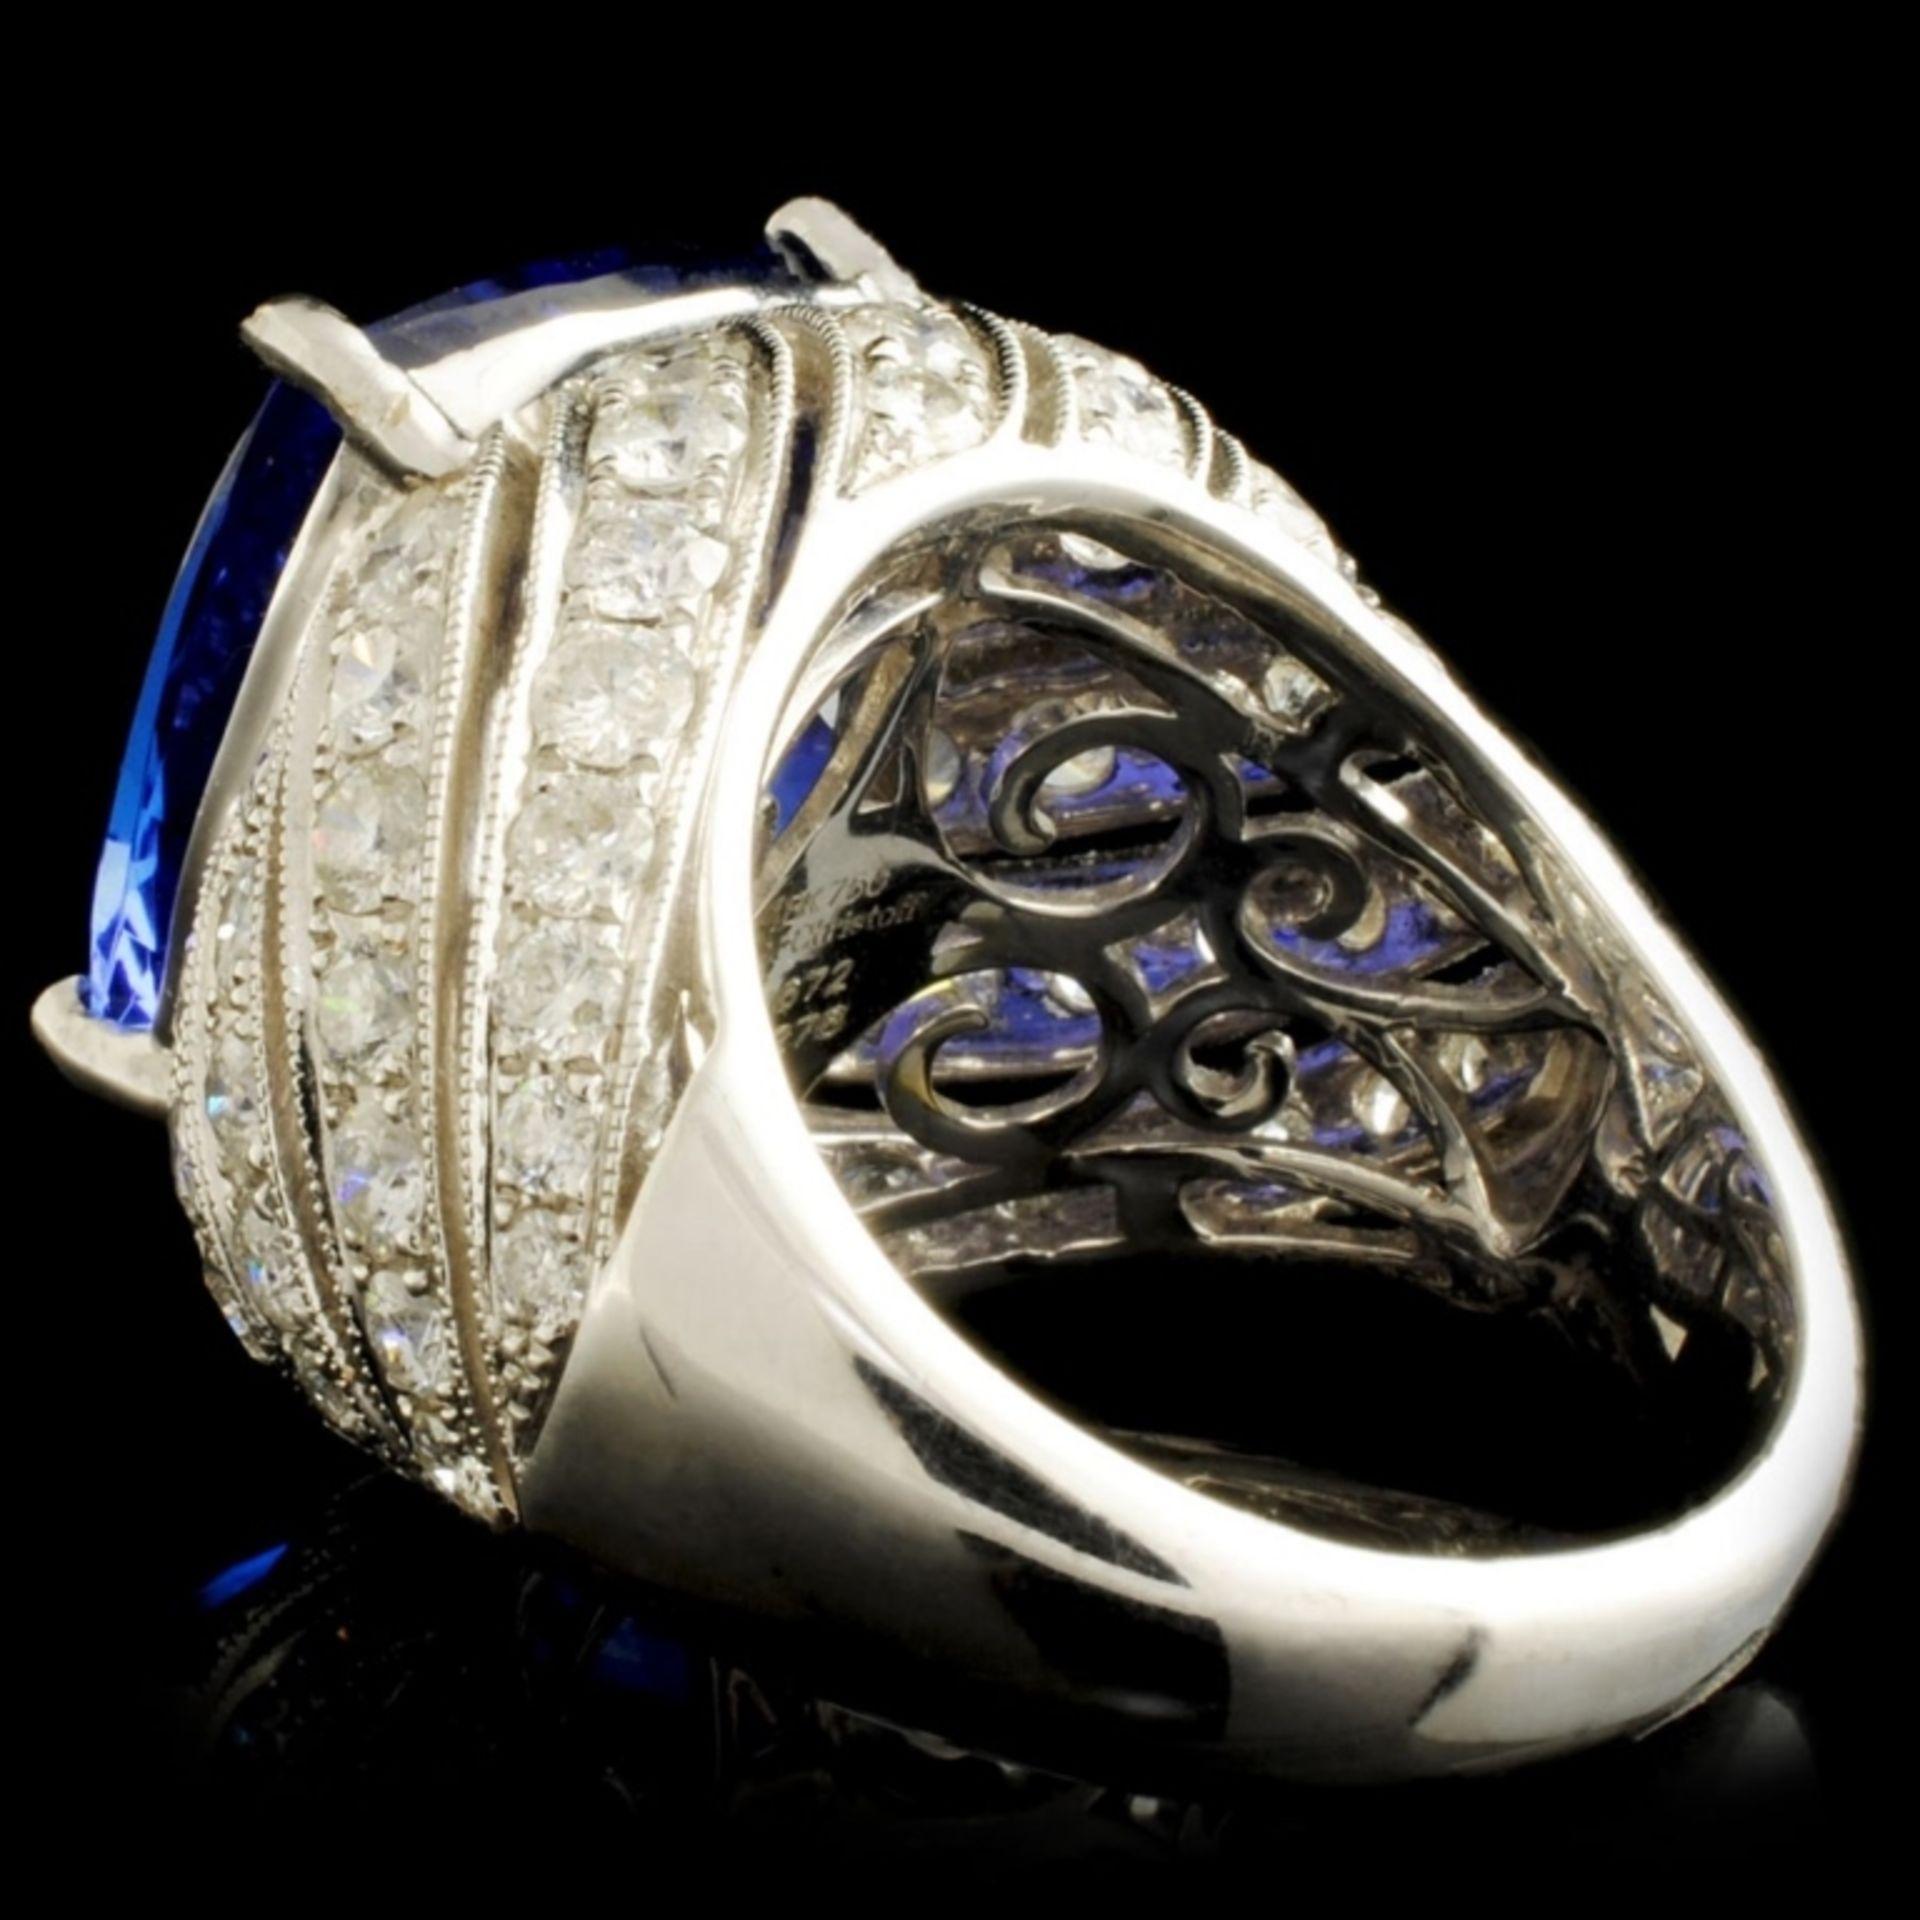 18K Gold 16.72ct Tanzanite & 2.78ctw Diamond Ring - Image 5 of 6